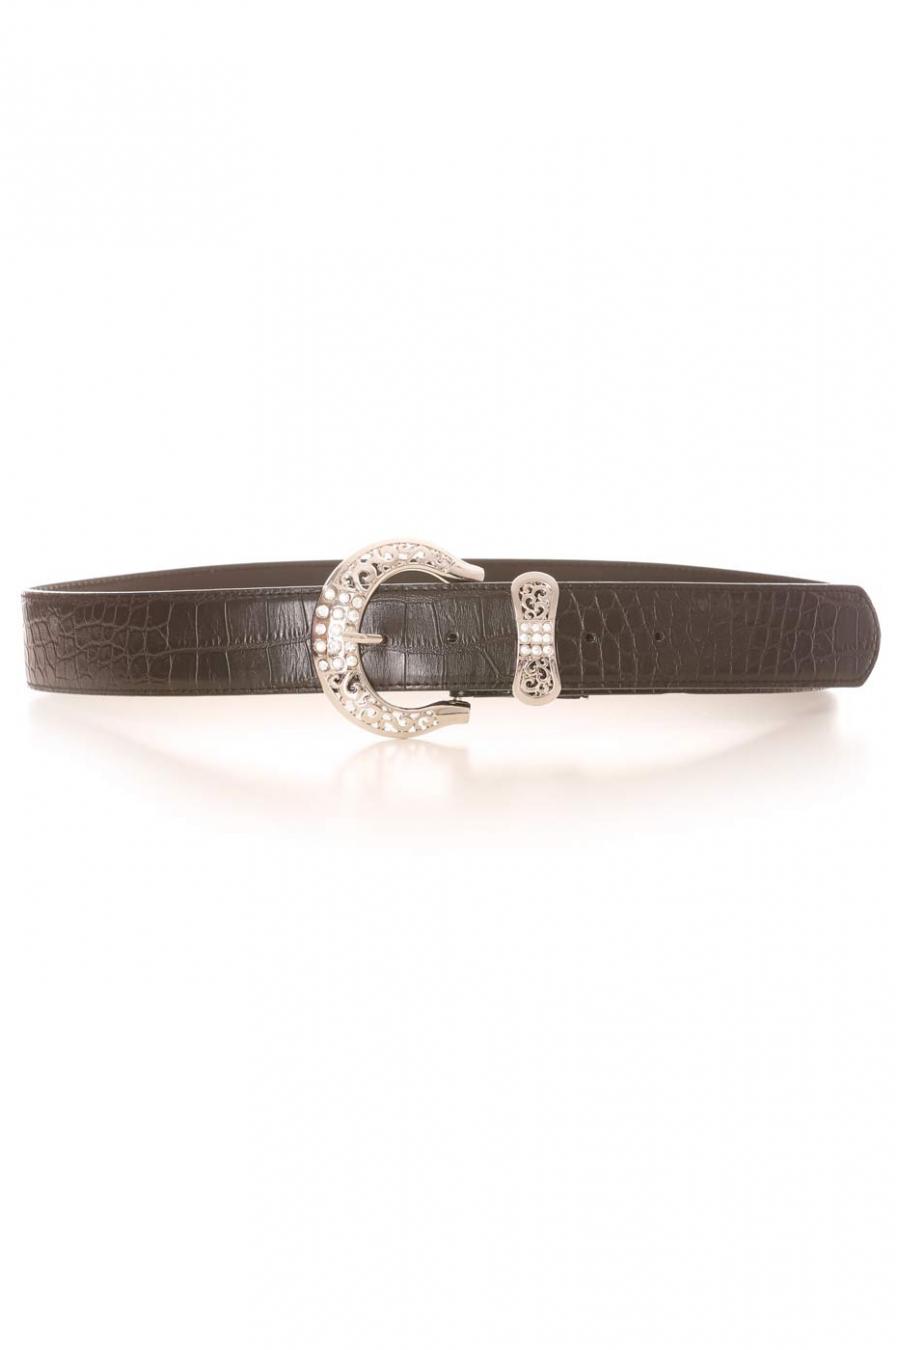 Bruine riem met krokodilleneffect, zilveren gesp met strass en strikvormige lus. PVC-accessoire